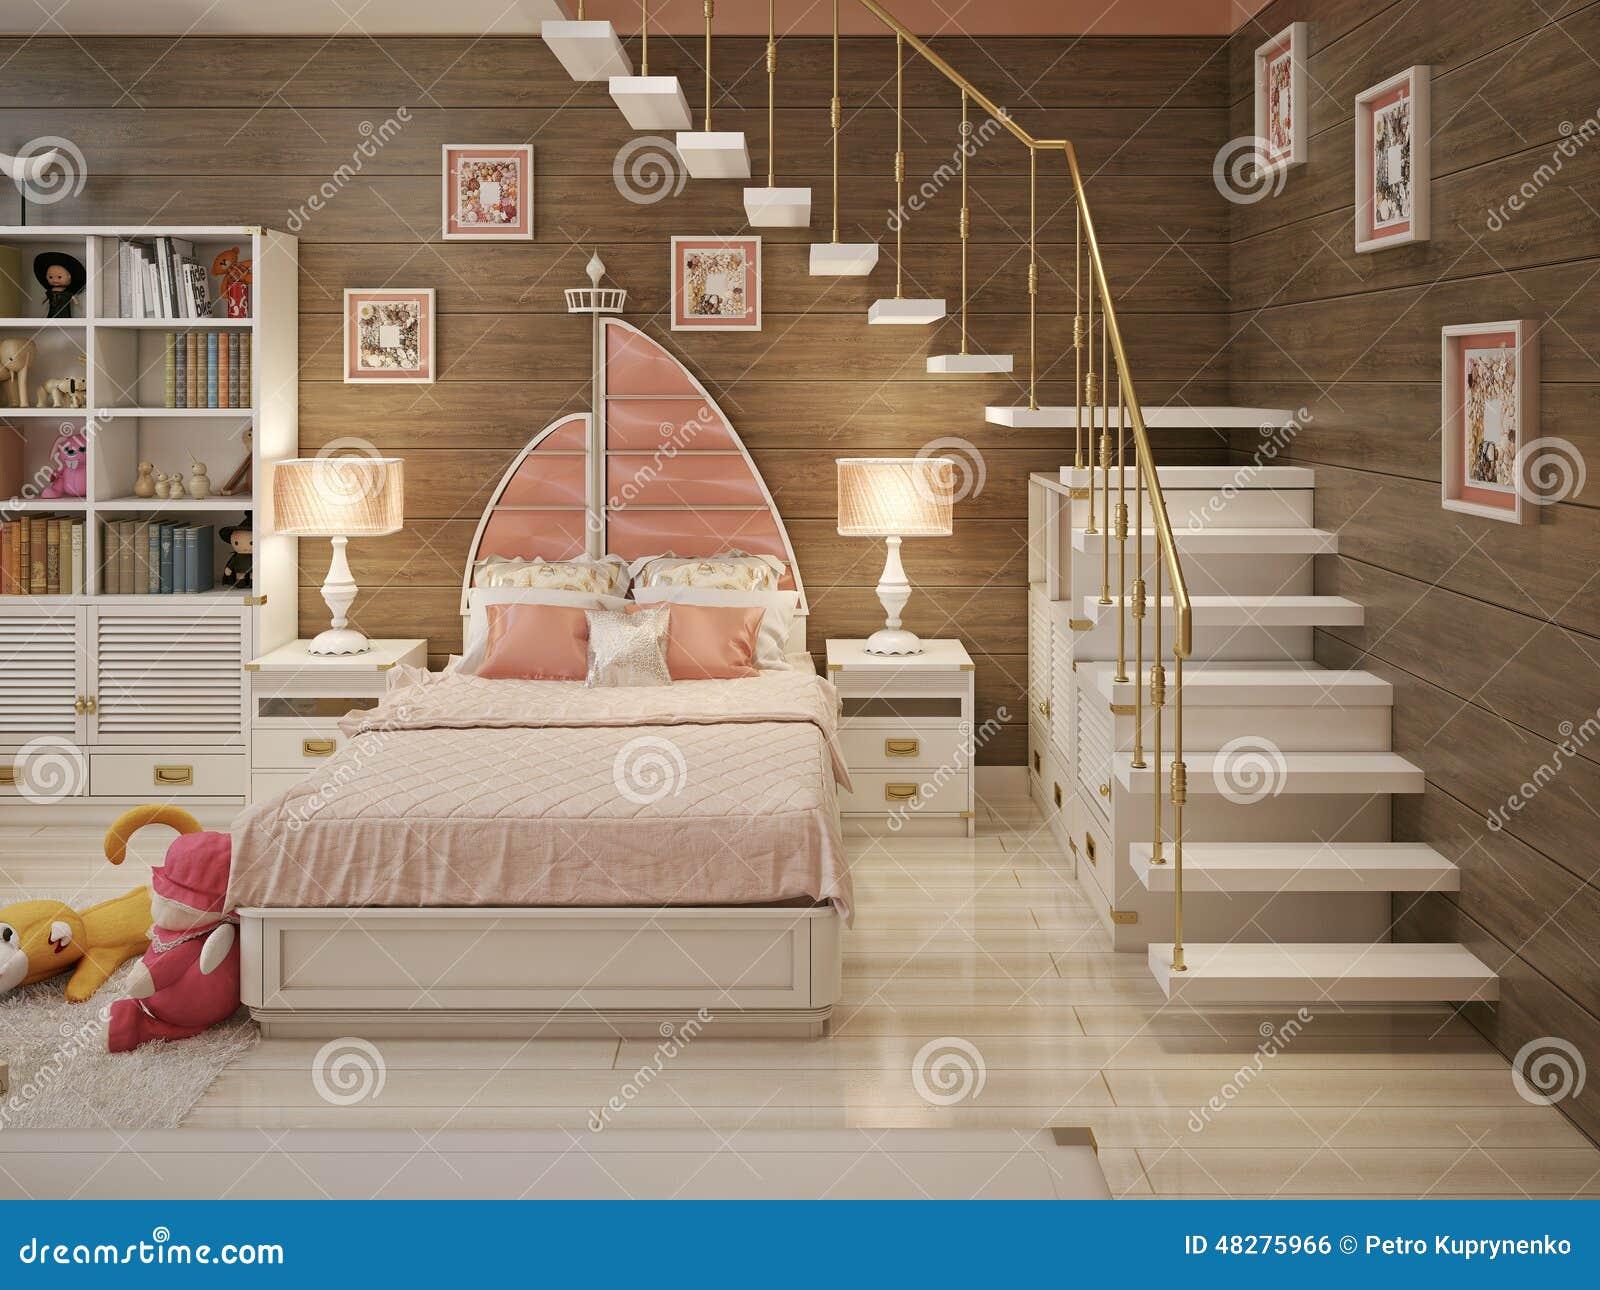 Camere Da Ragazza. Camerette Per Bambini Componibili Colorate E ...